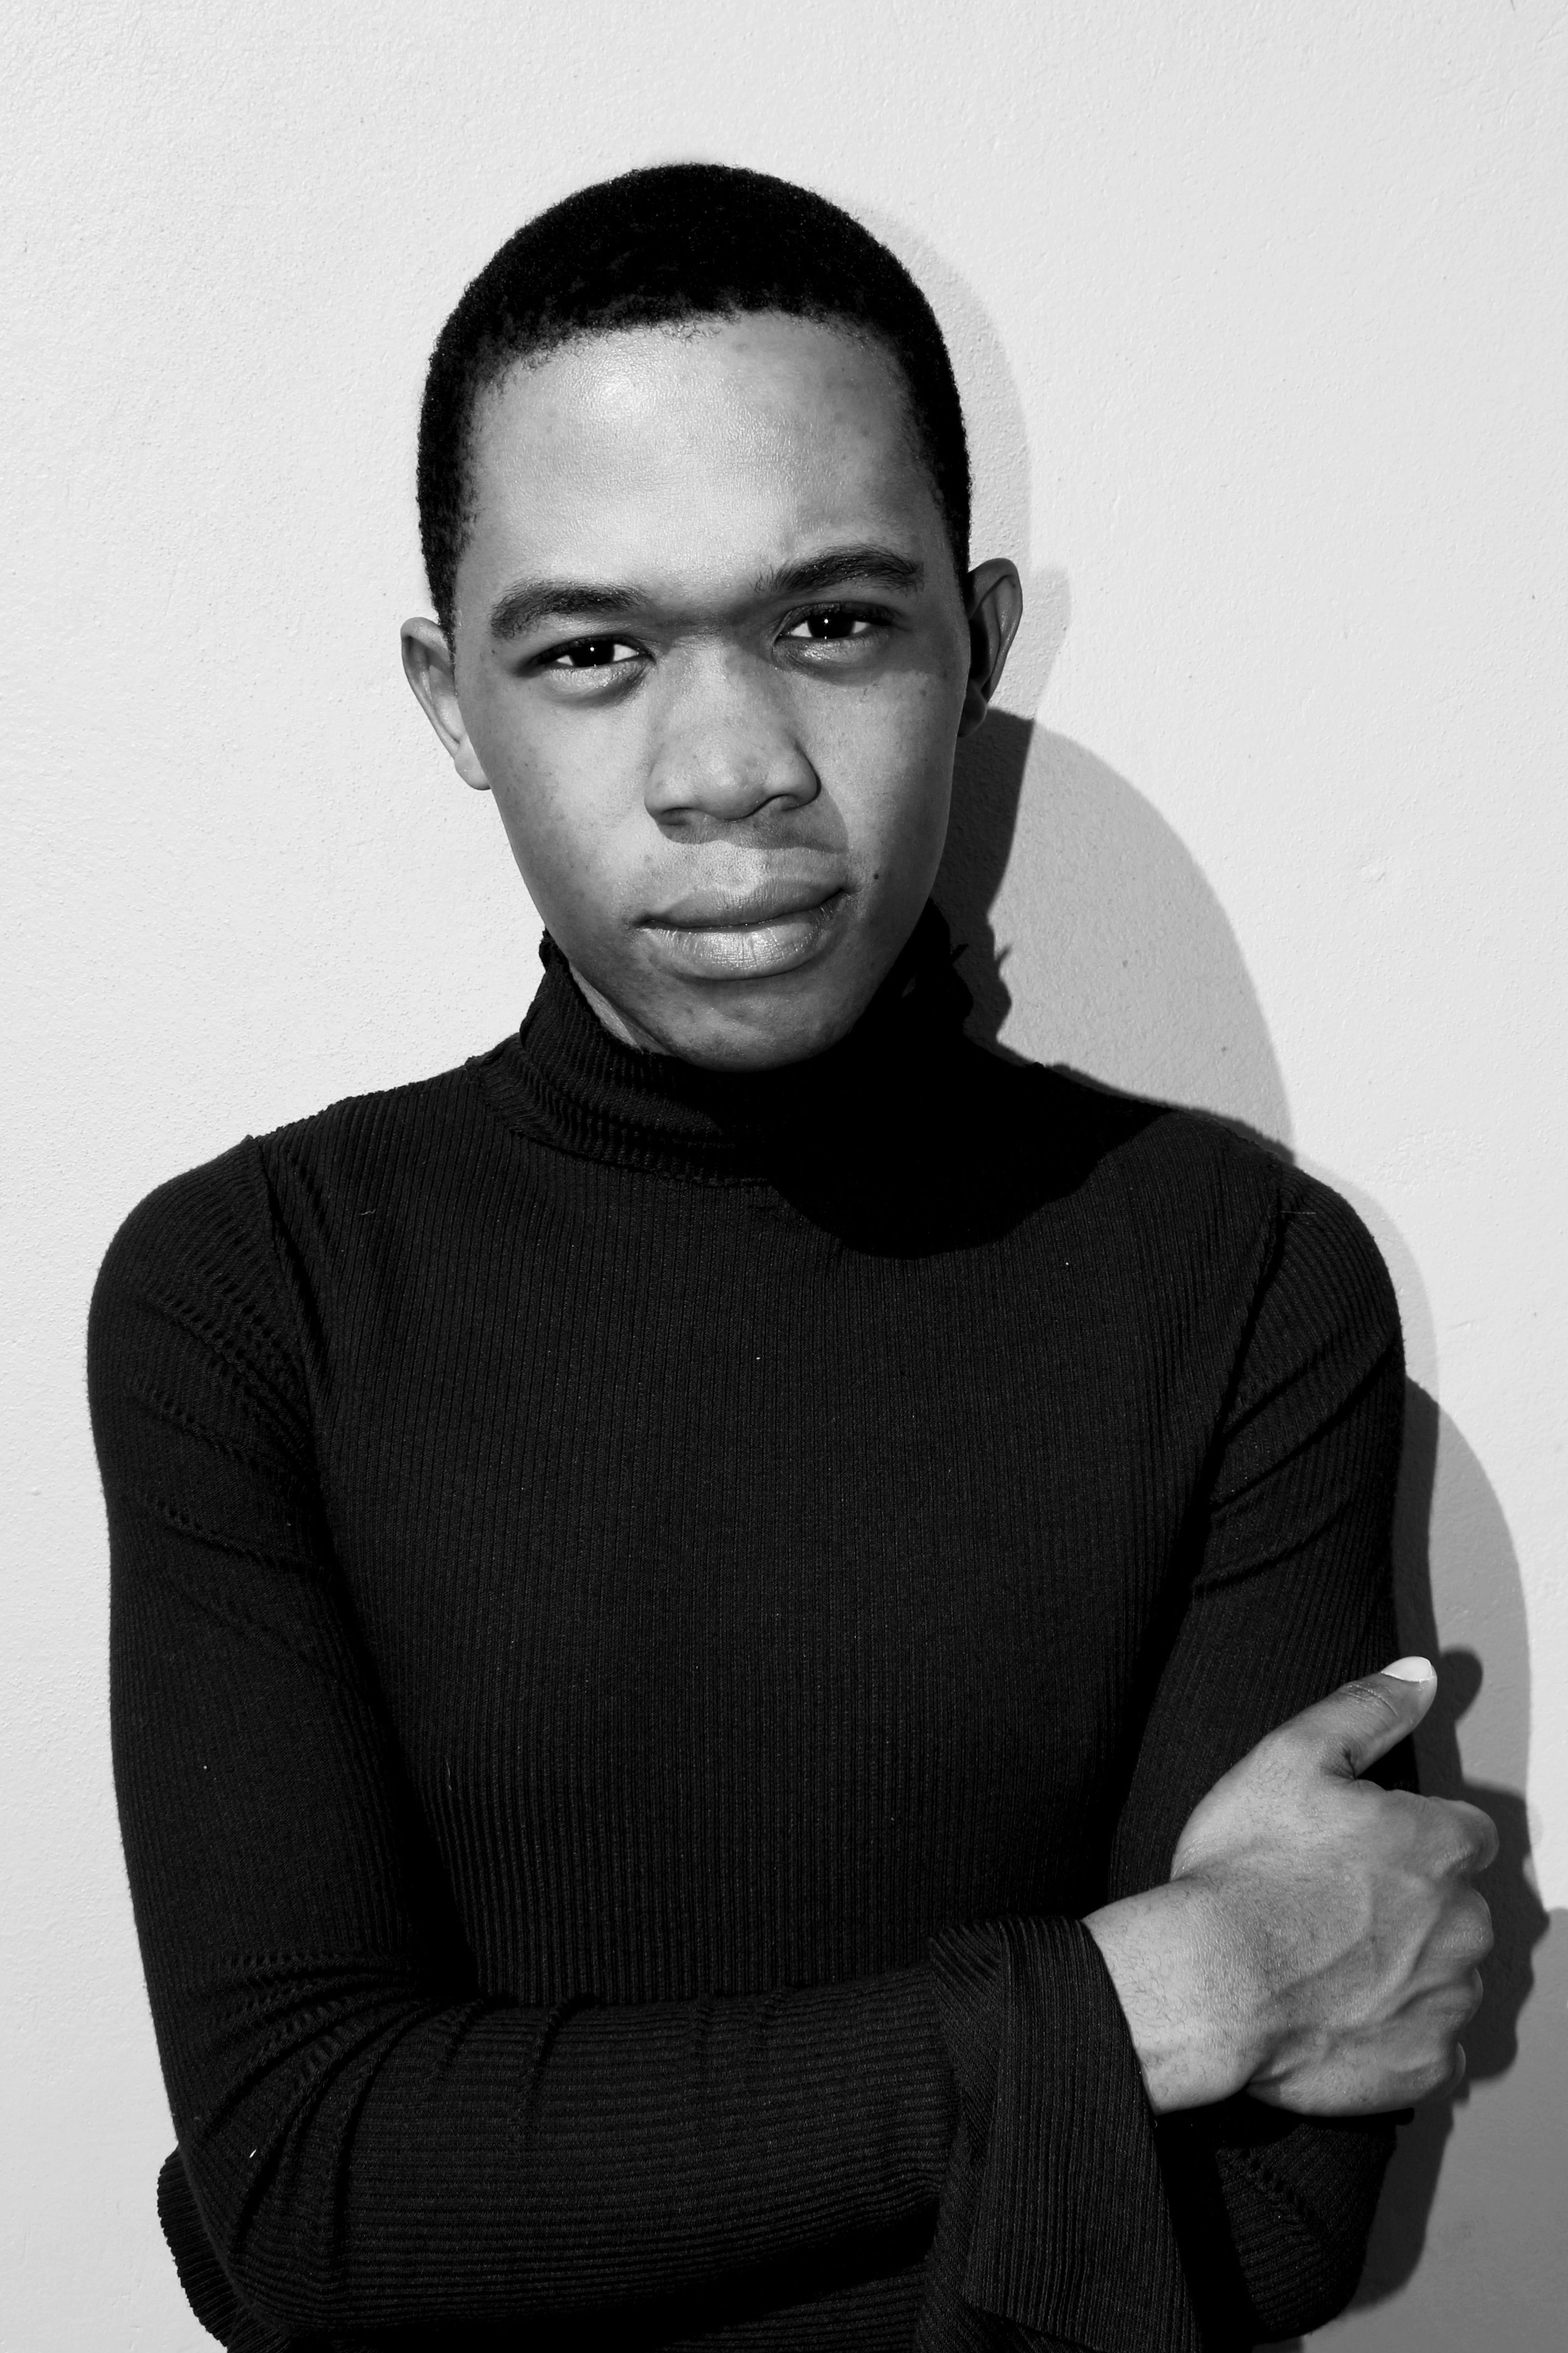 Thebe Magugu / Photo Courtesy of Thebe Magugu